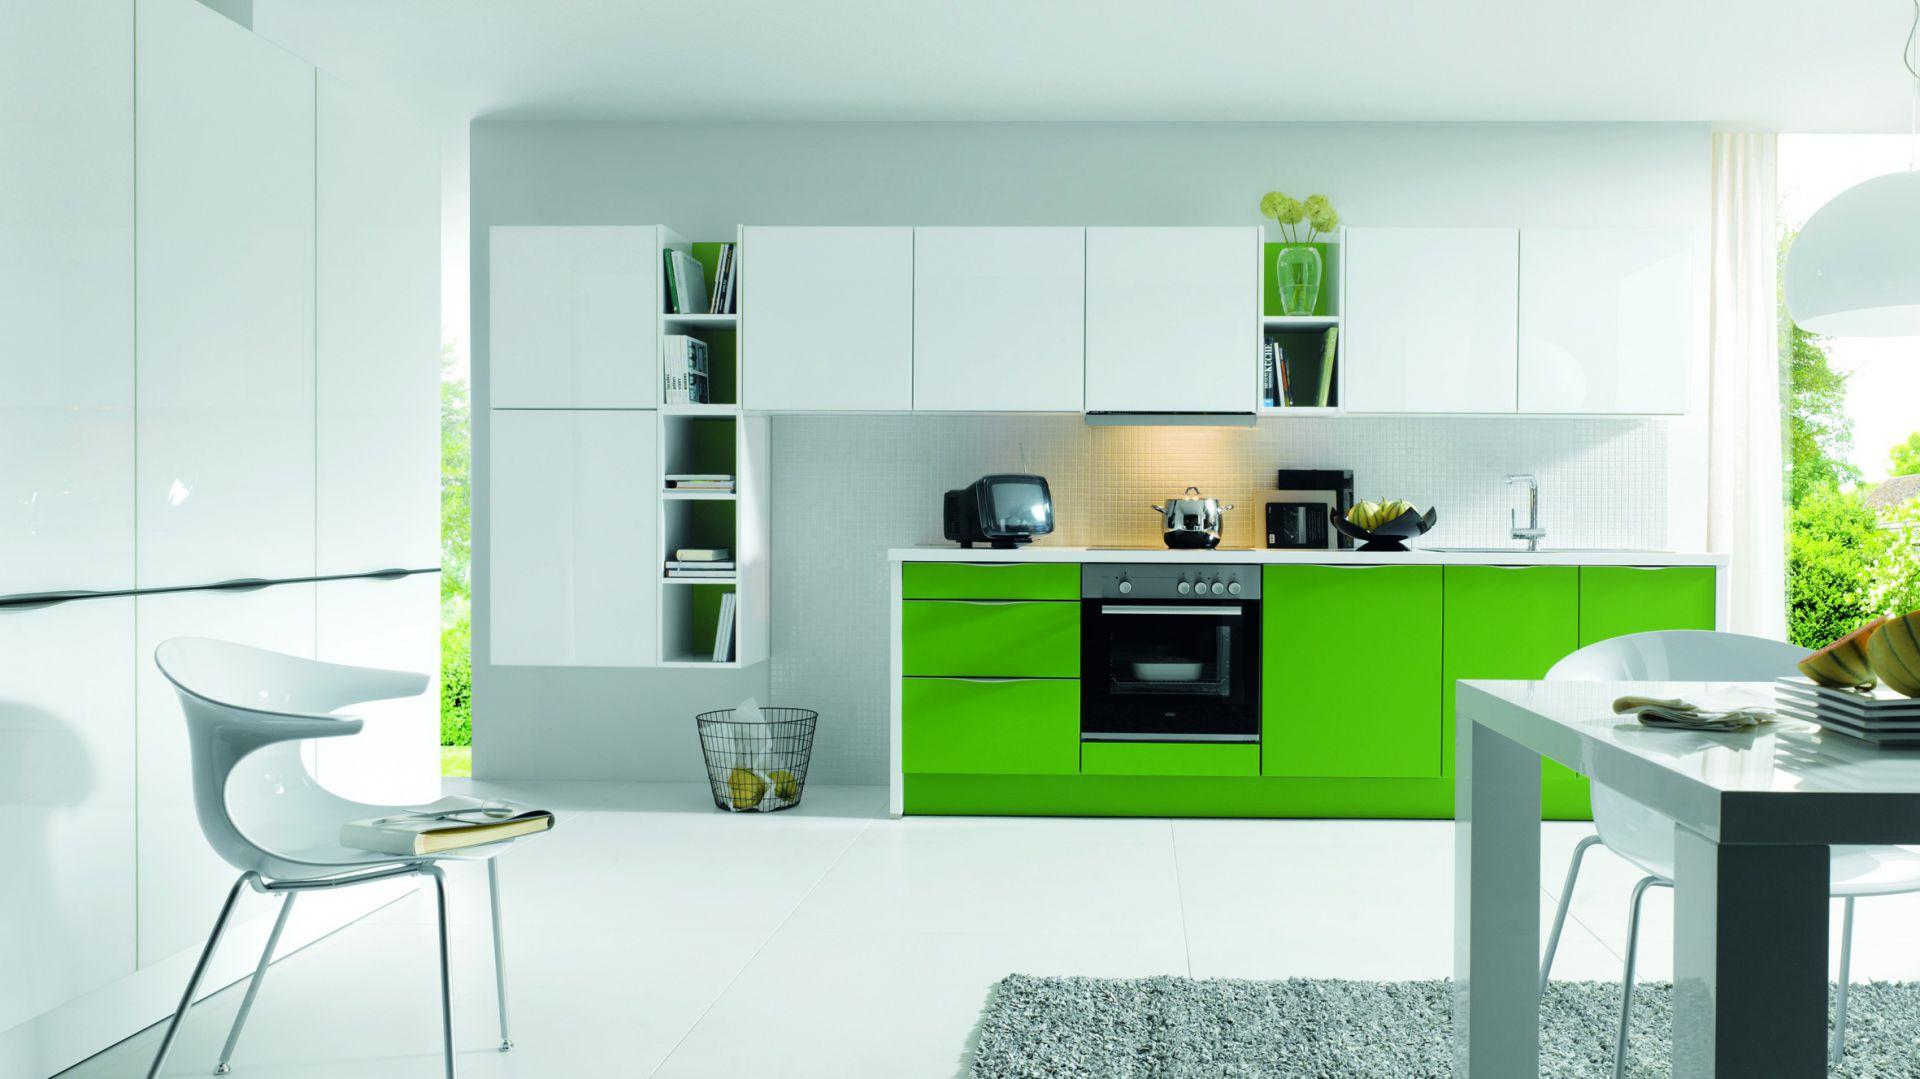 Nowoczesne, funkcjonalne 15 pomysłów na zieloną   -> Kuchnia Zielone Kafelki